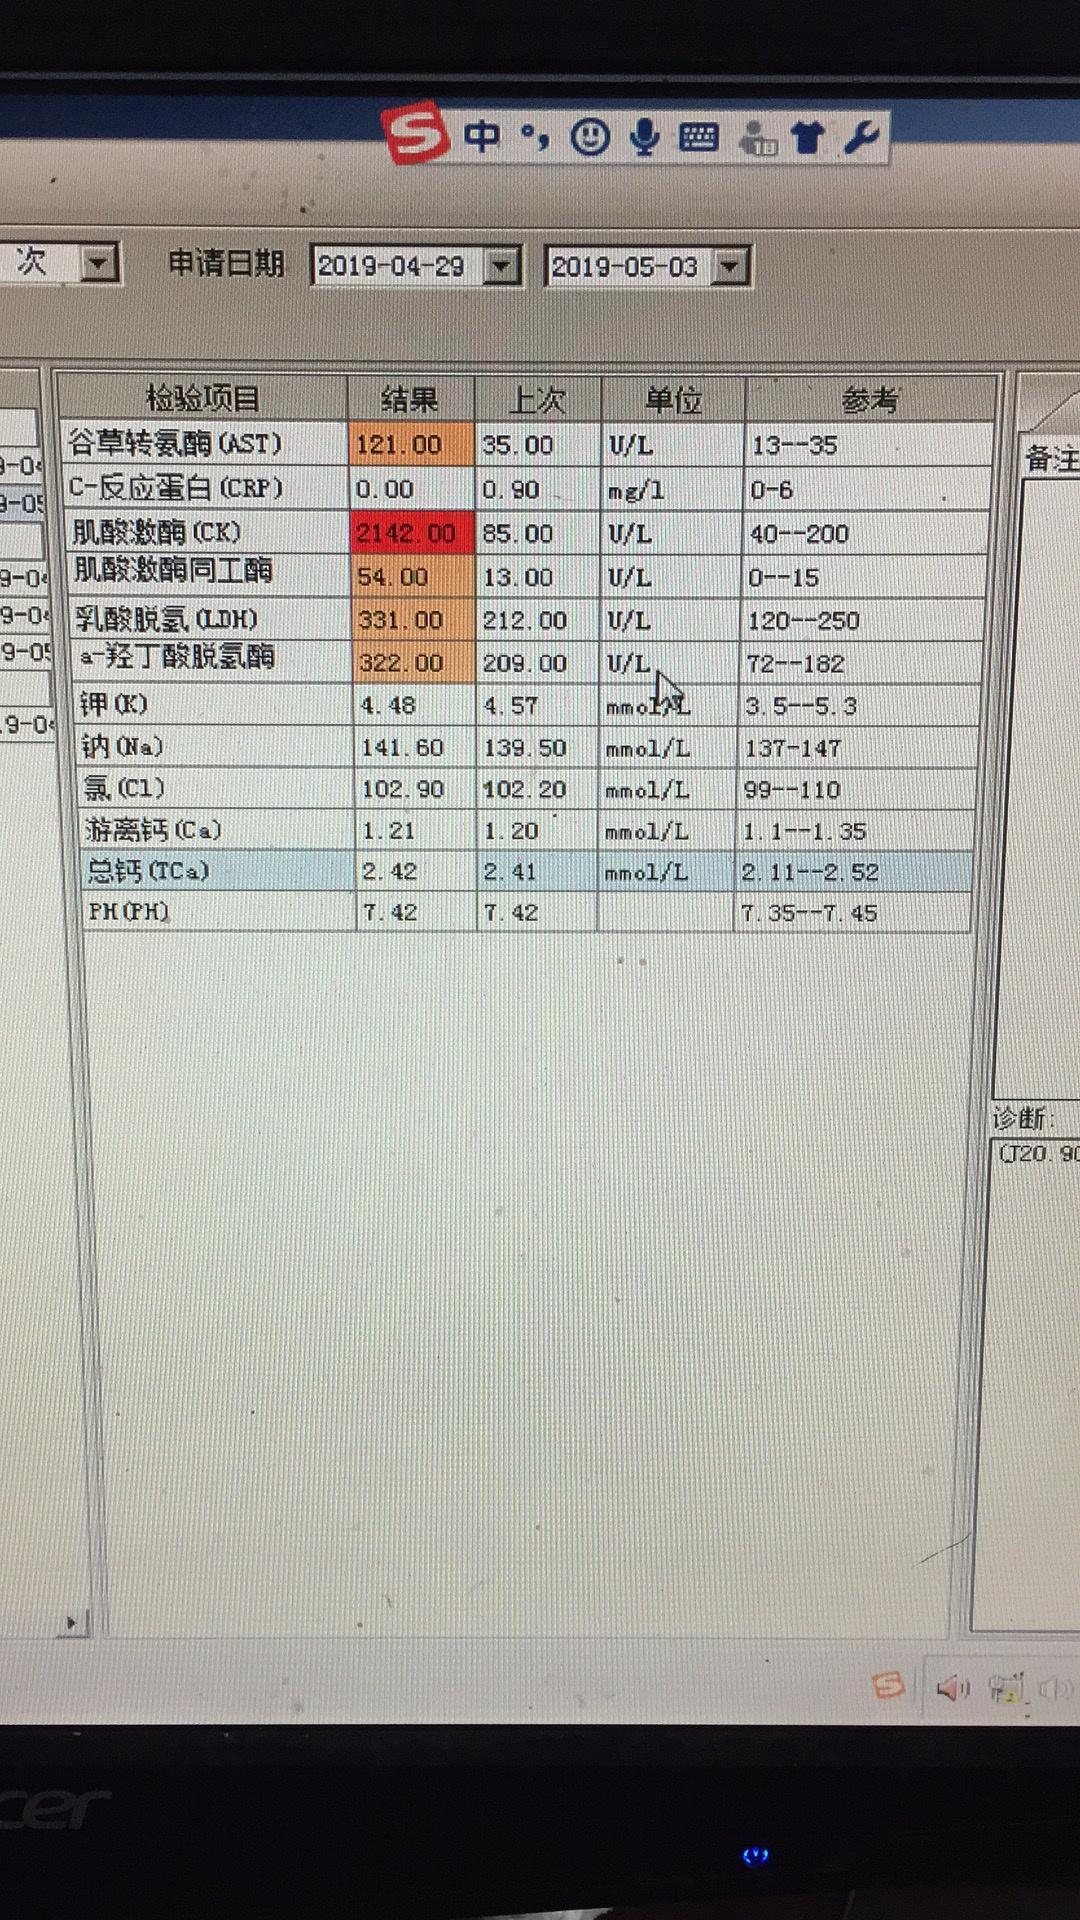 BD632E09-E4B2-4DAE-B073-075D606BB976.jpeg